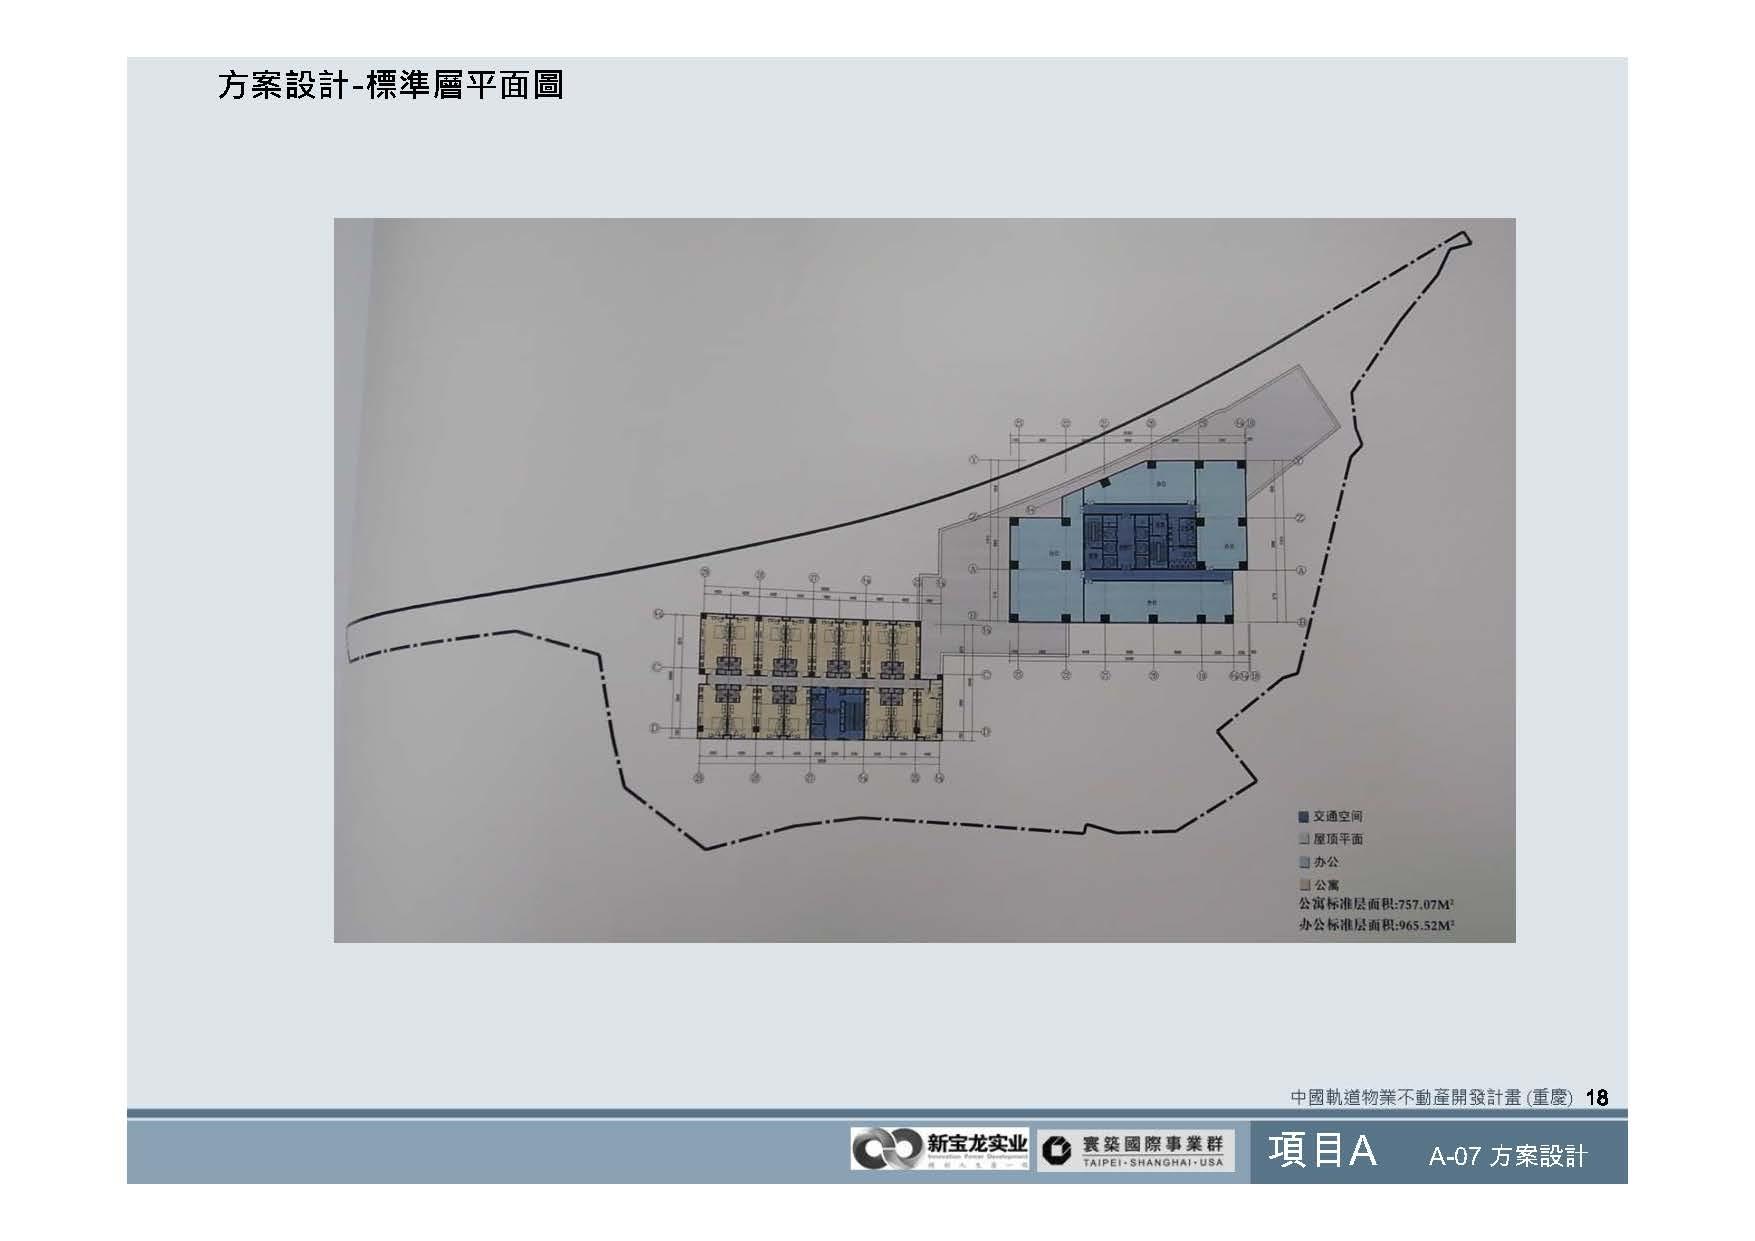 20100812-中國軌道物業不動產開發計畫(重慶)_頁面_19